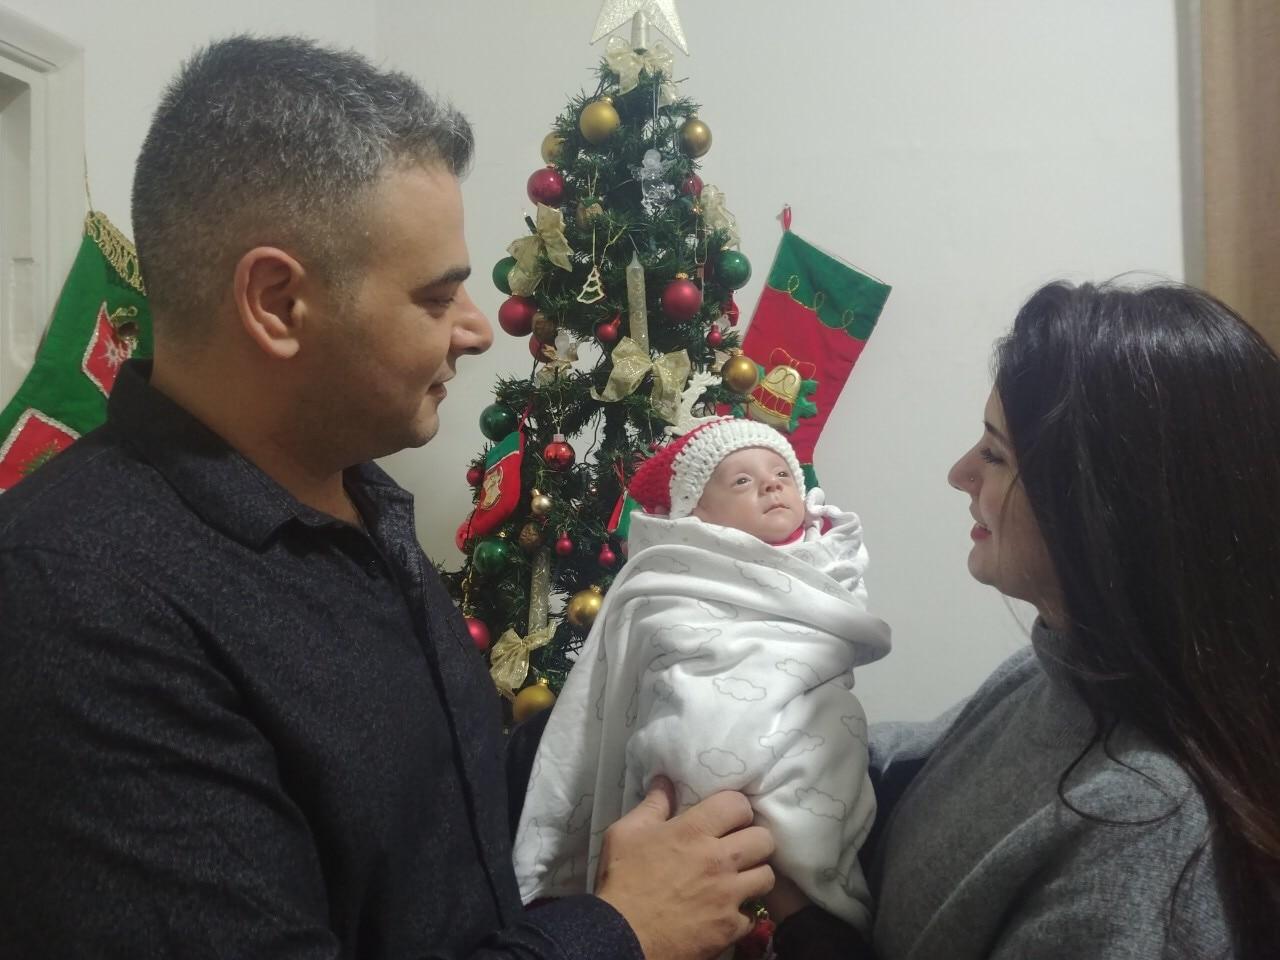 Premature-newborn